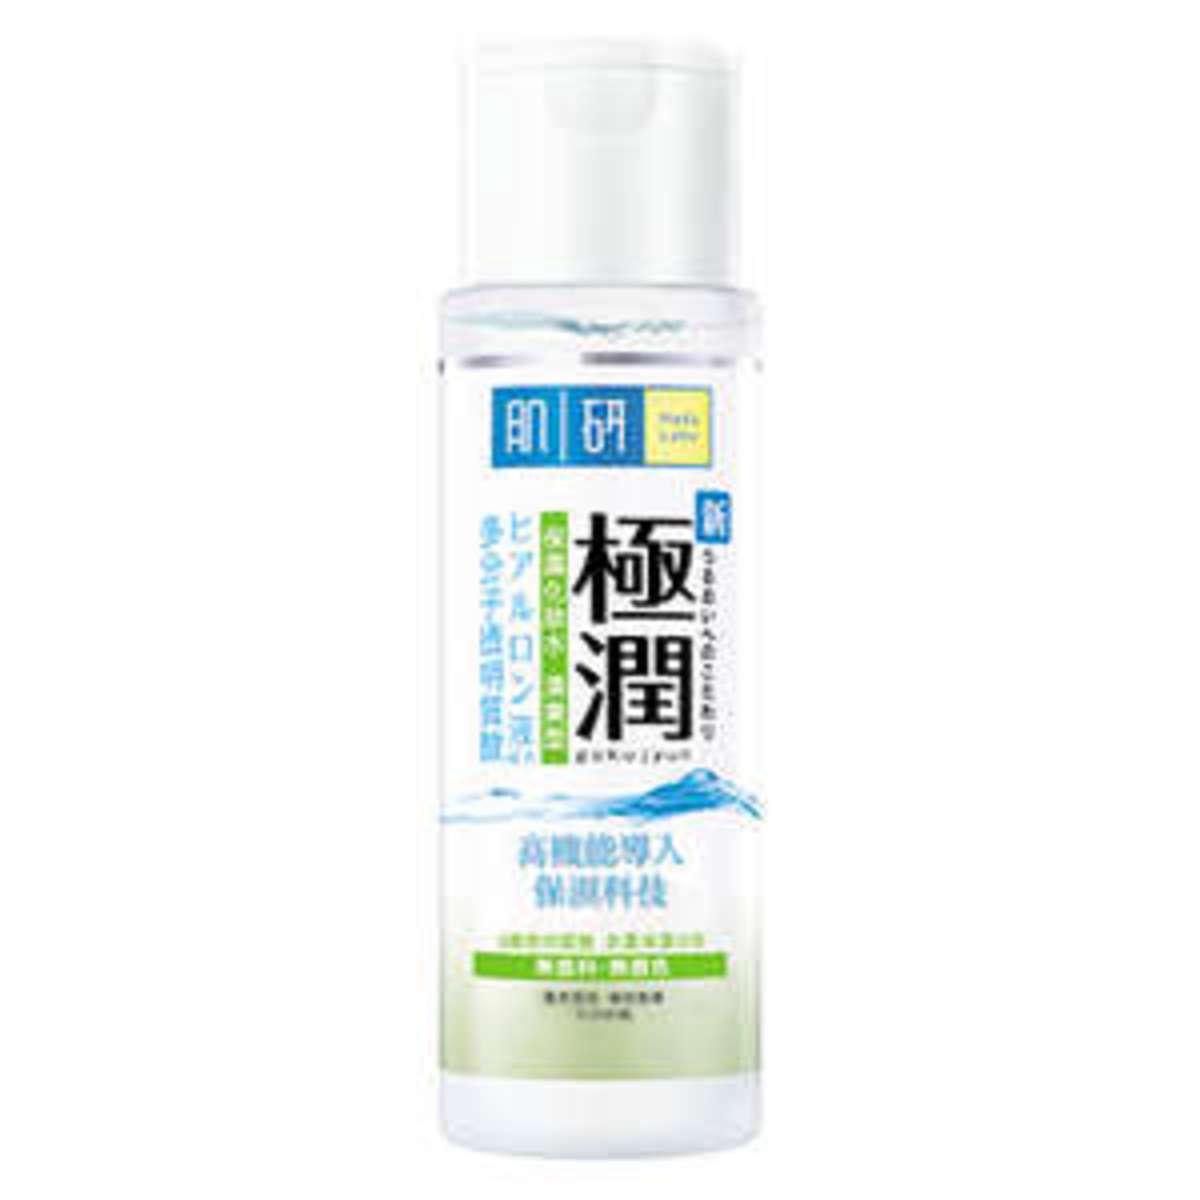 極潤保濕化妝水(清爽型) 170毫升